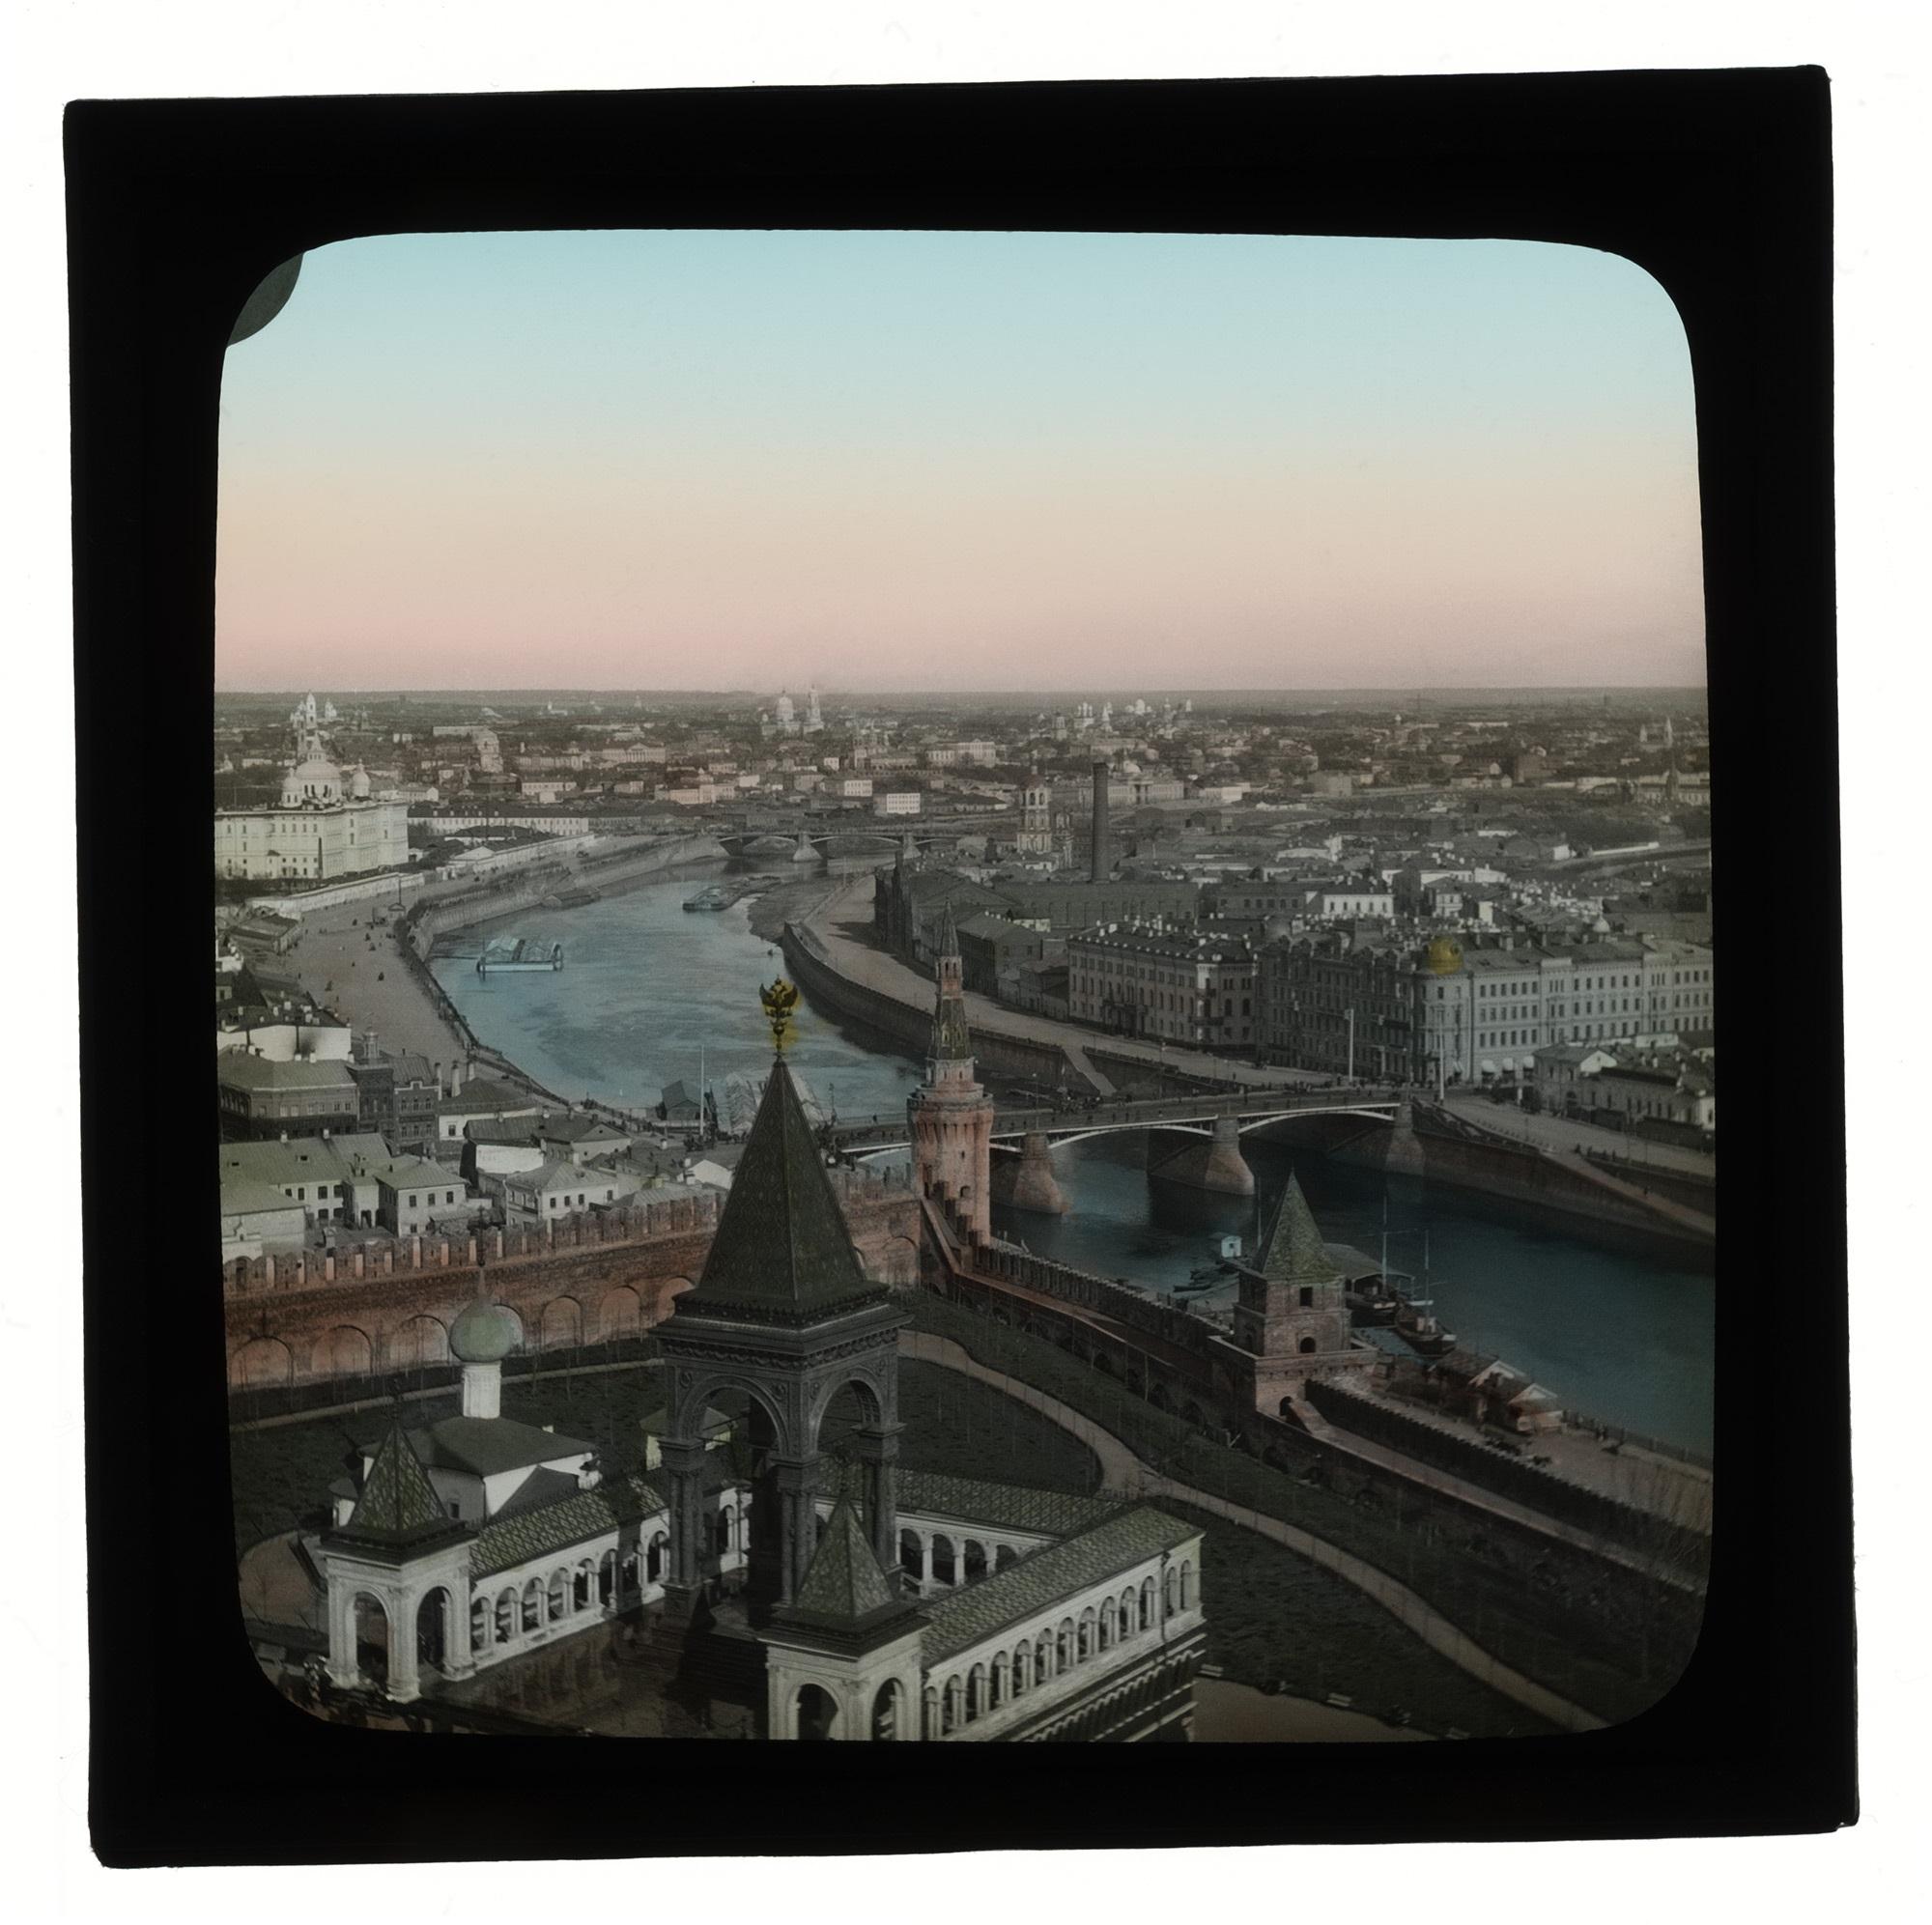 Вид на Москву и памятник Александру II c колокольни Ивана Великого